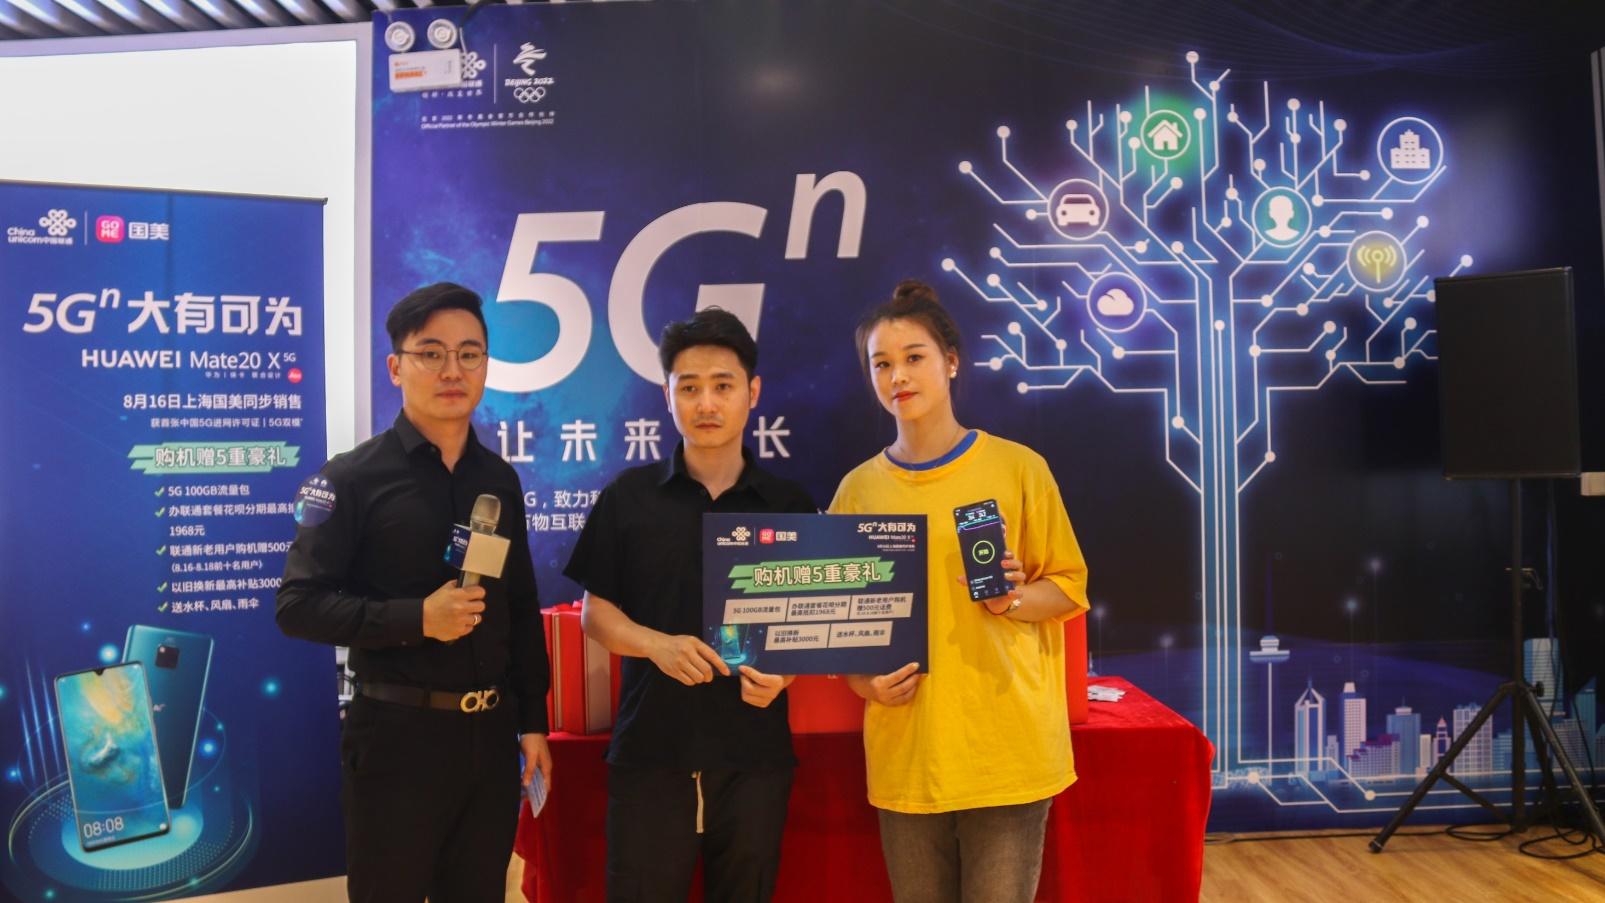 上海国美&上海联通创盟资源论坛正式首发华为Mate 20 X 5G手机